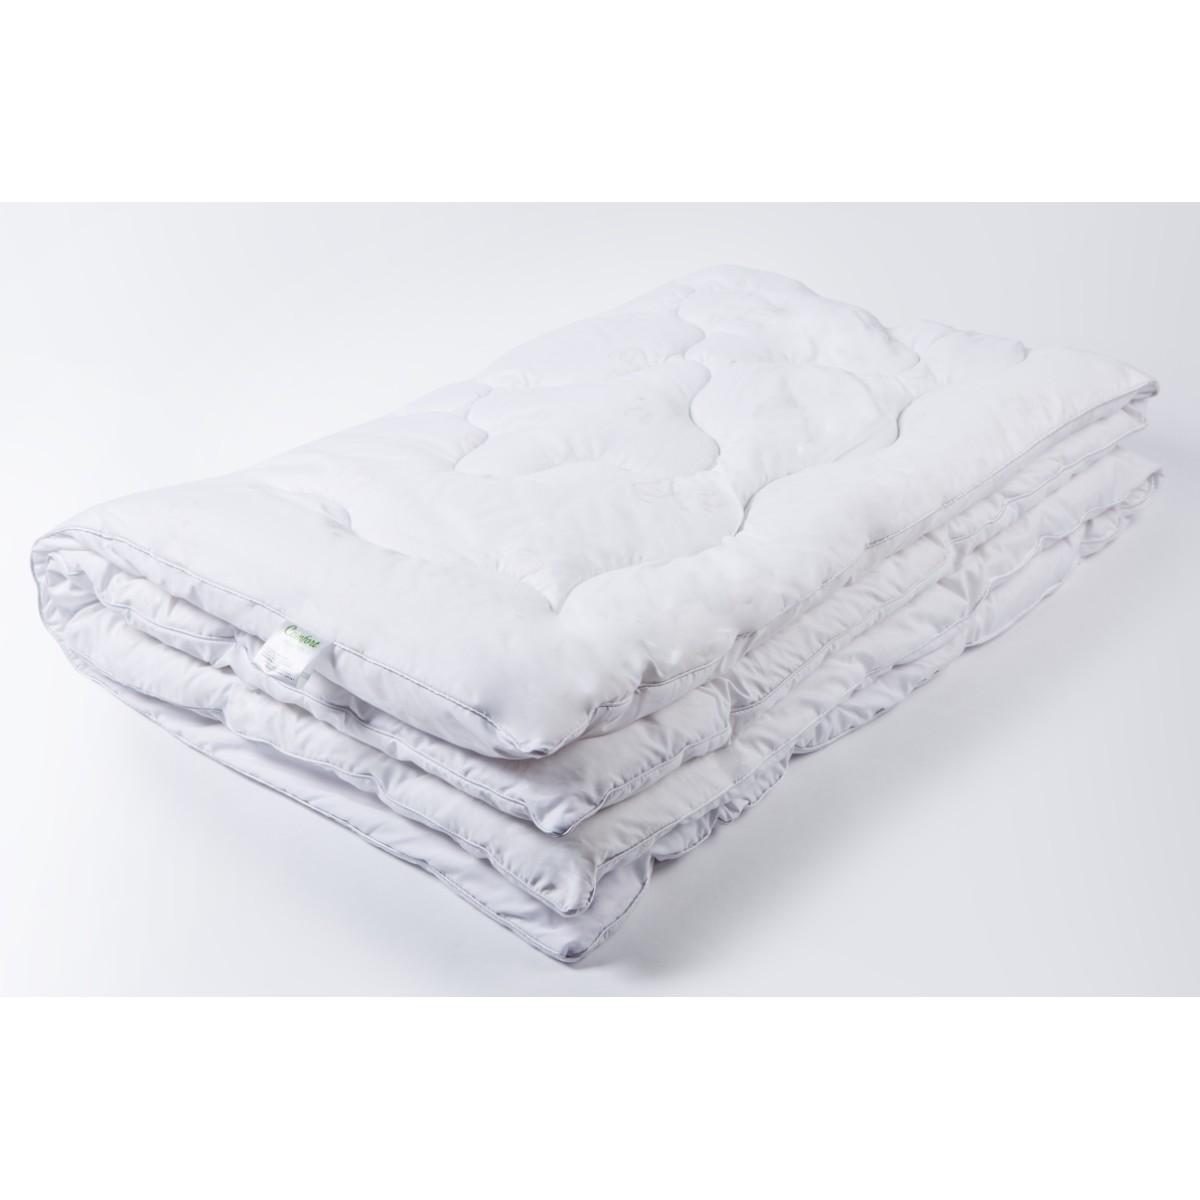 Одеяло Ecotex Лебяжий пух Комфорт 172х205 см пух искусственный